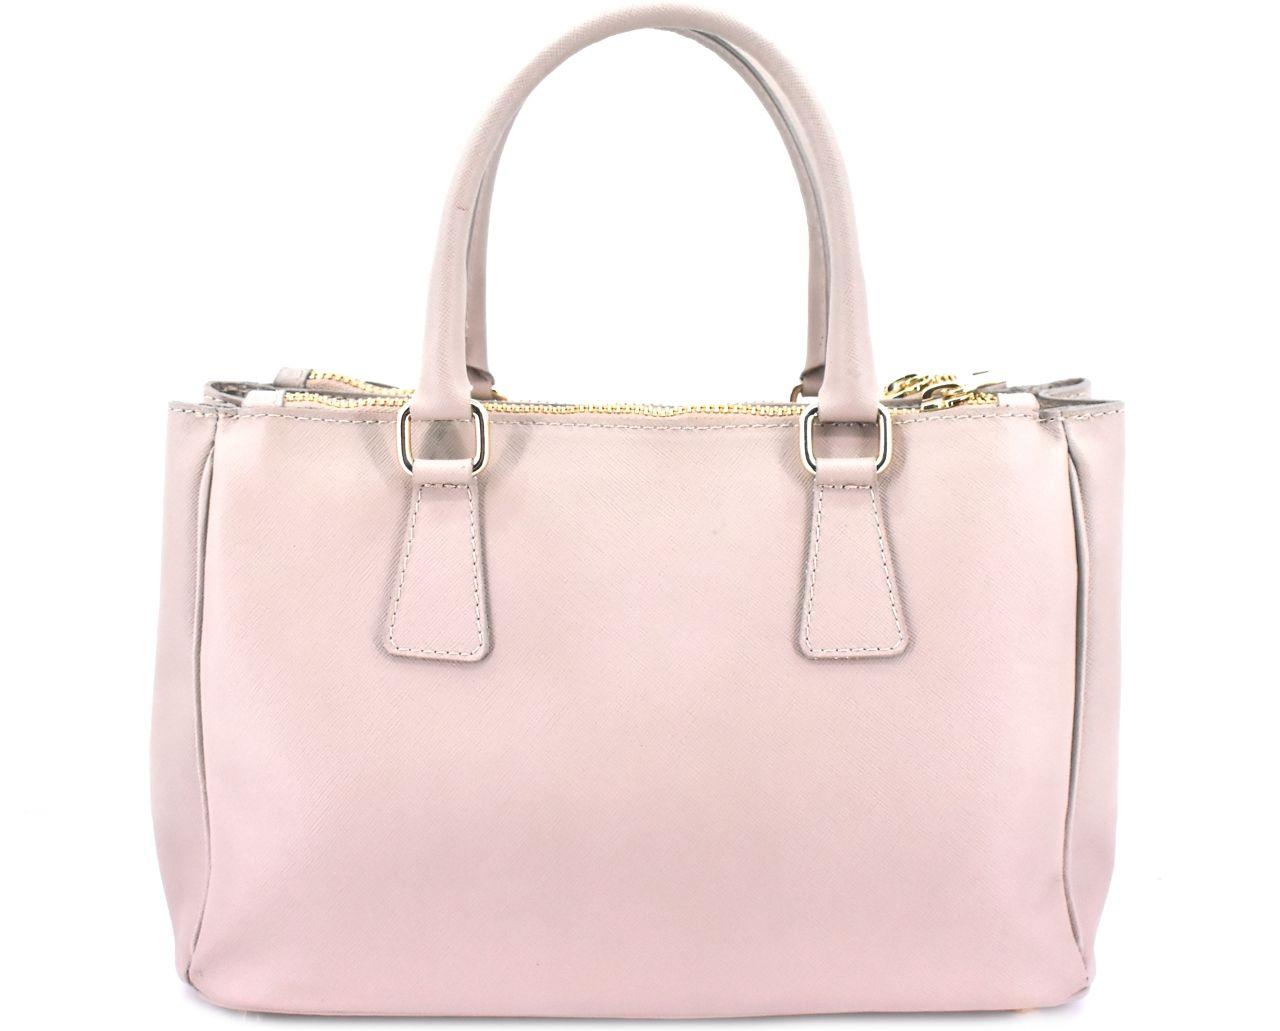 Moderní dámská kožená kabelka Arteddy - béžová 29551